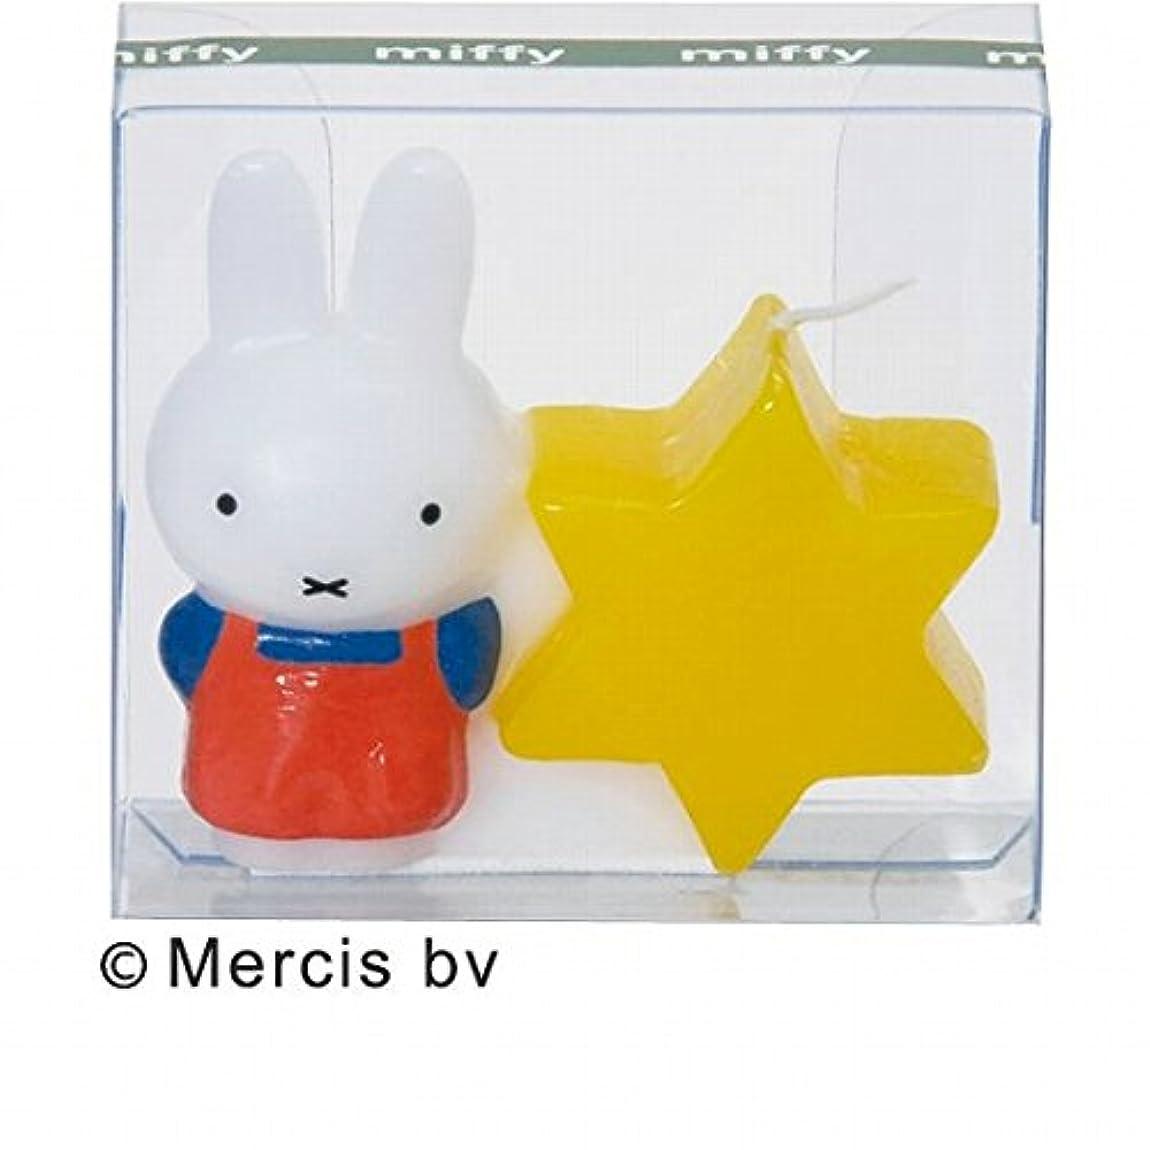 アメリカコレクションリップカメヤマキャンドル( kameyama candle ) ミッフィーキャンドル